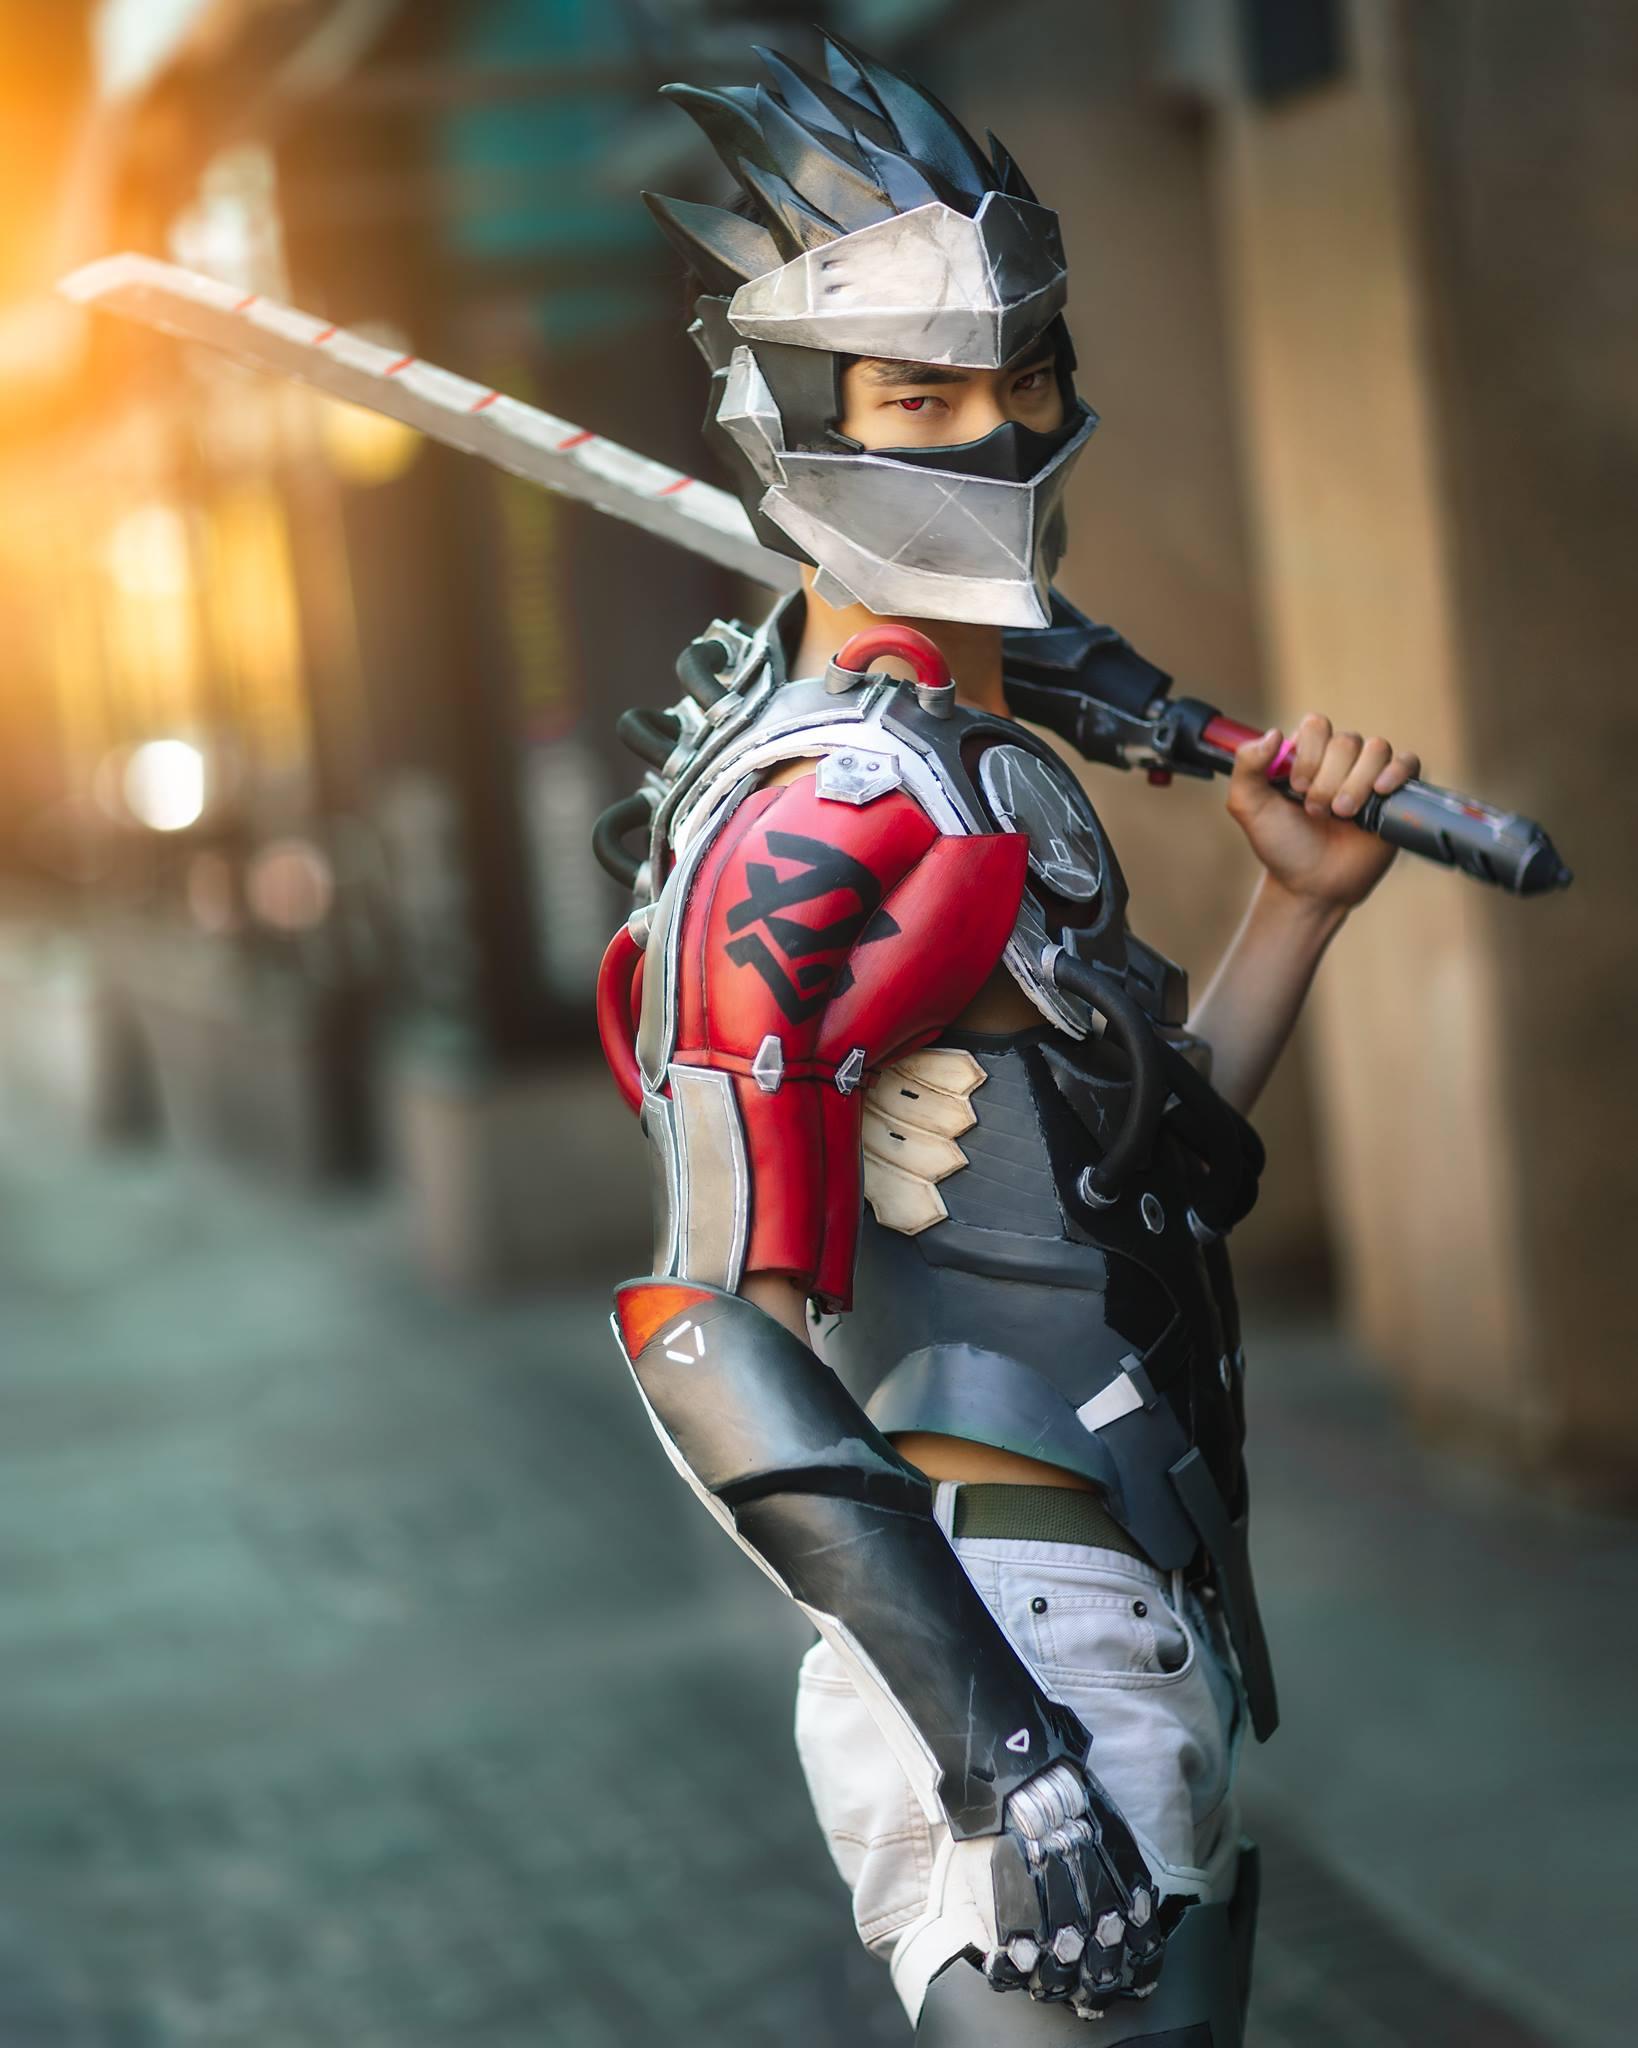 ' 戦いは終わらん.'  ��: Brett Bauer Photography  #Overwatch #Genji #Shimada #Blackwatch #cosplay https://t.co/4GF28qmmsG